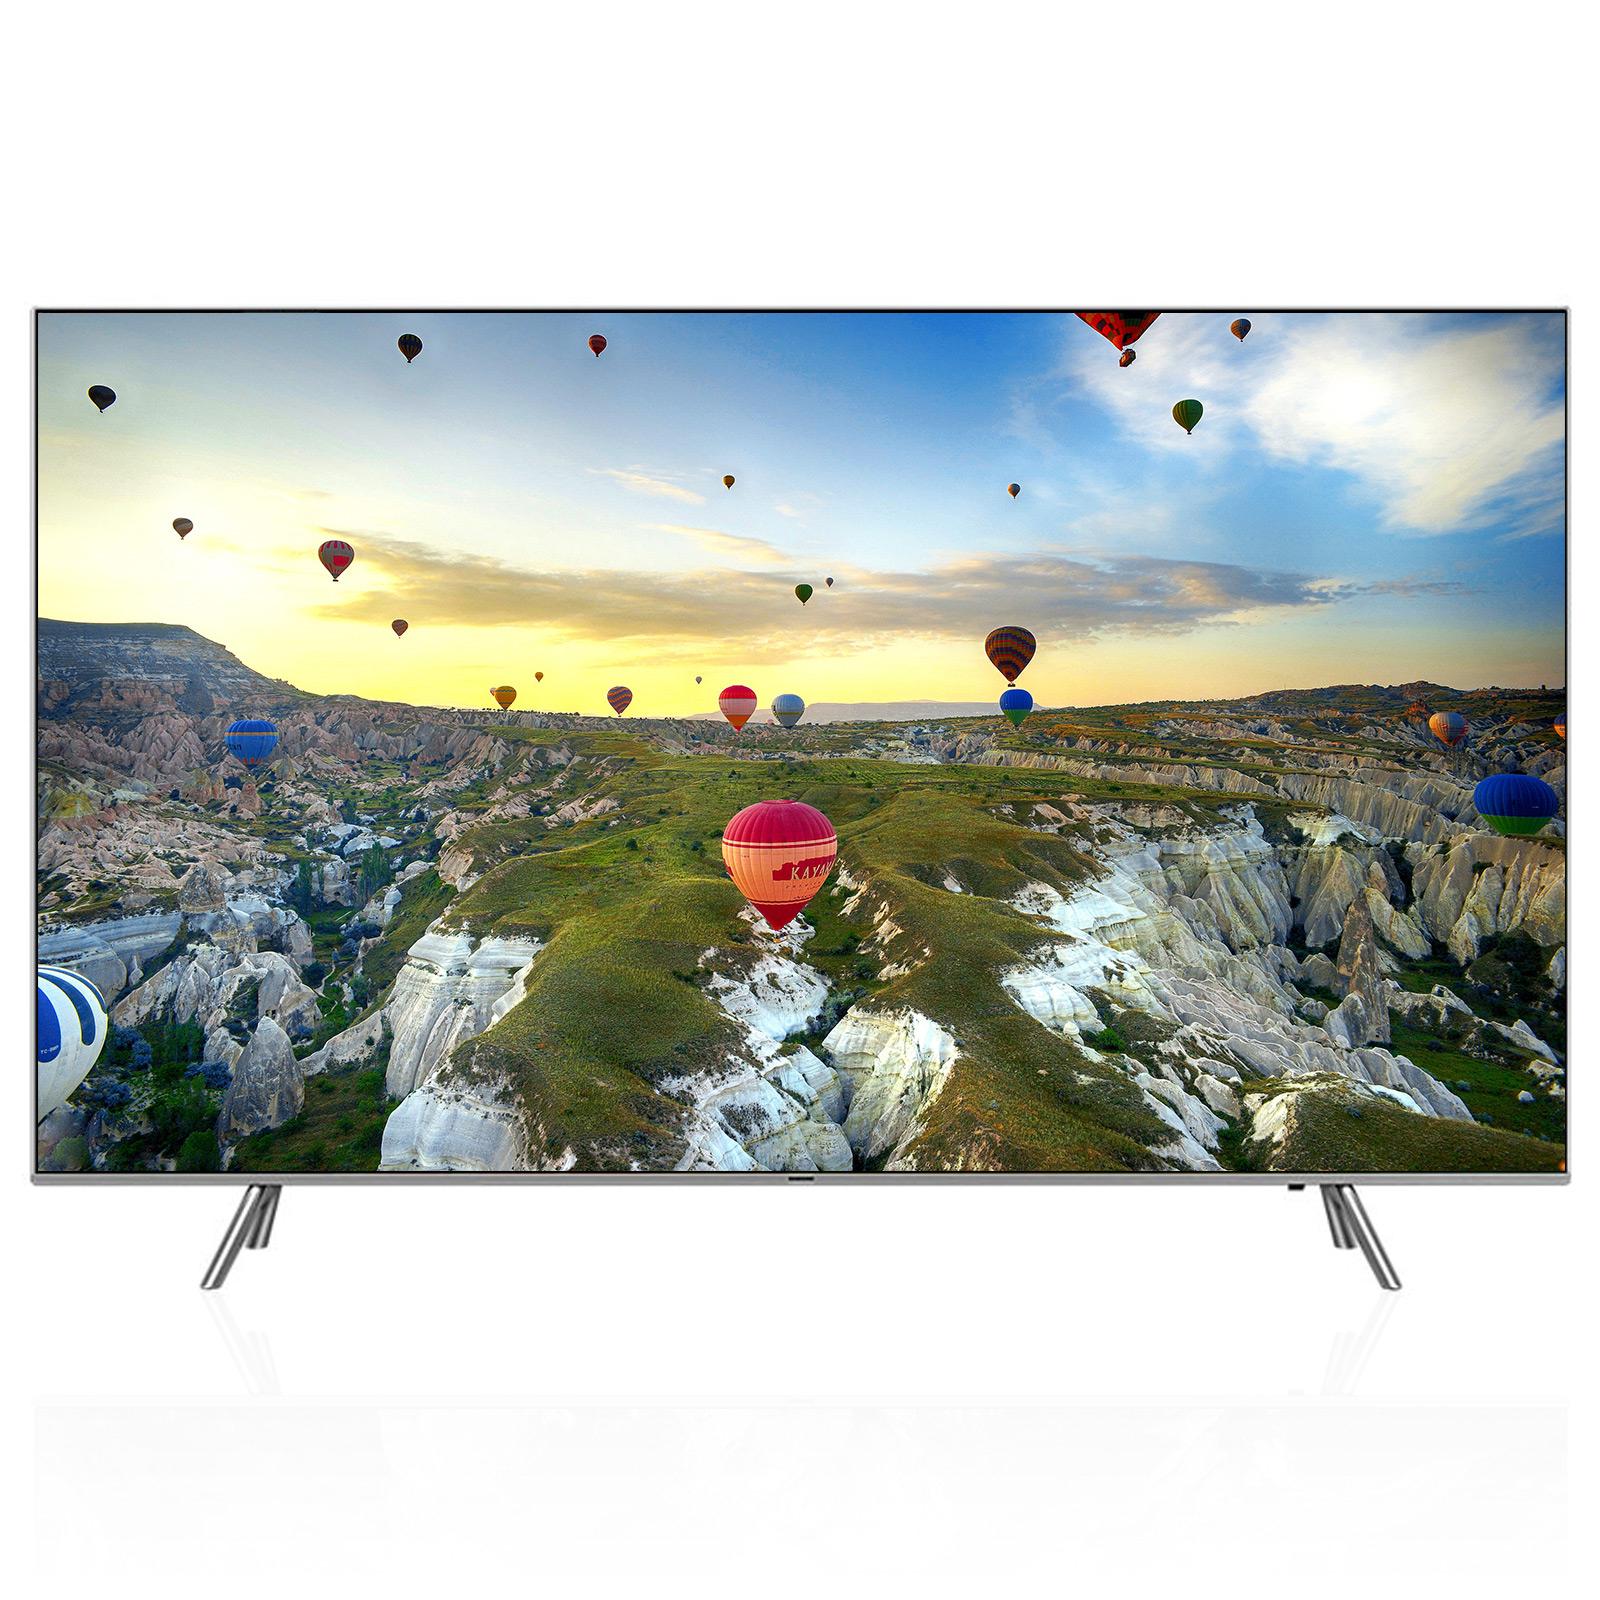 4K-Fernseher: Samsung QE75Q6F